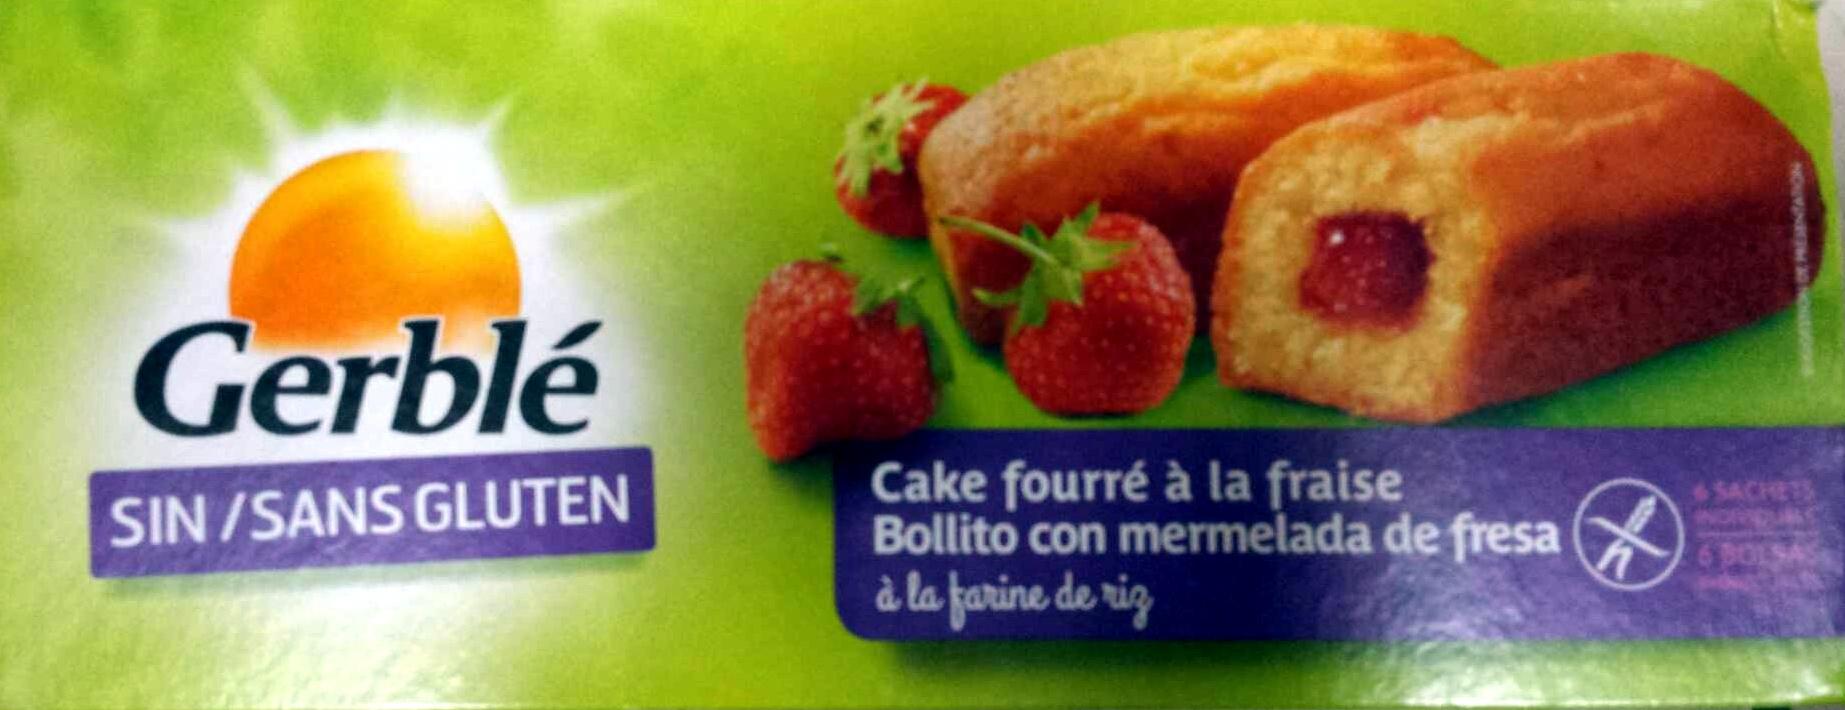 Cake fourré à la fraise - Produit - fr